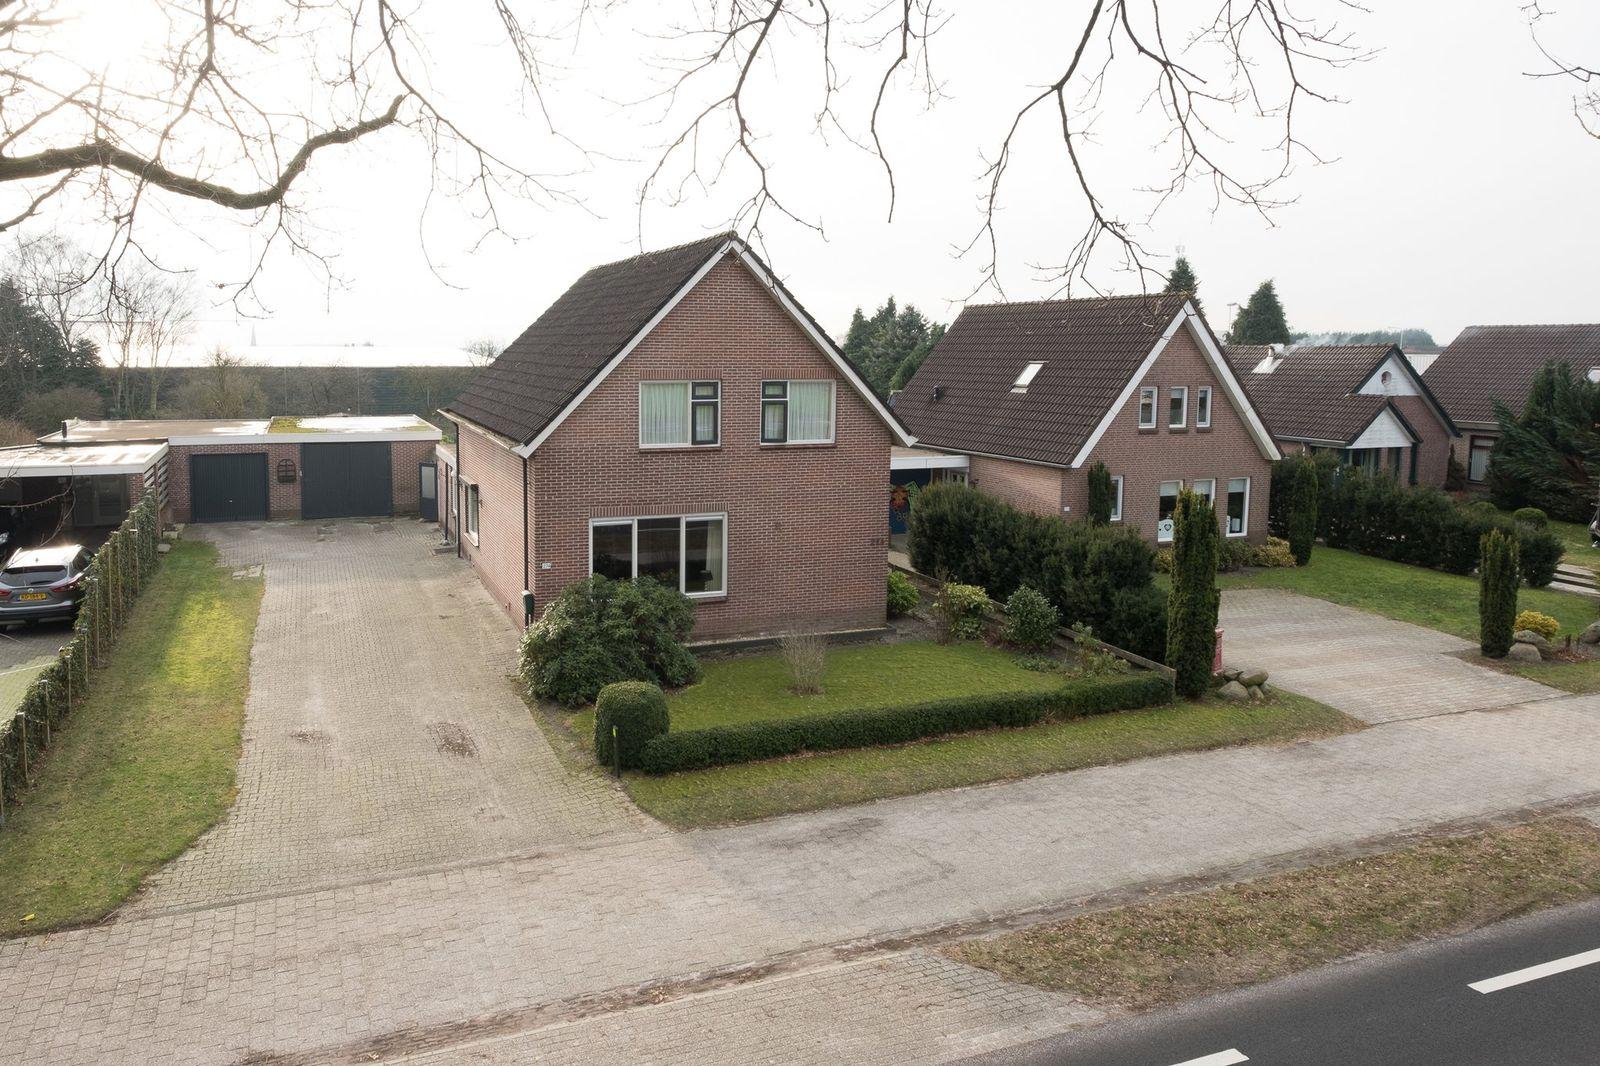 Langestraat 274, Klazienaveen